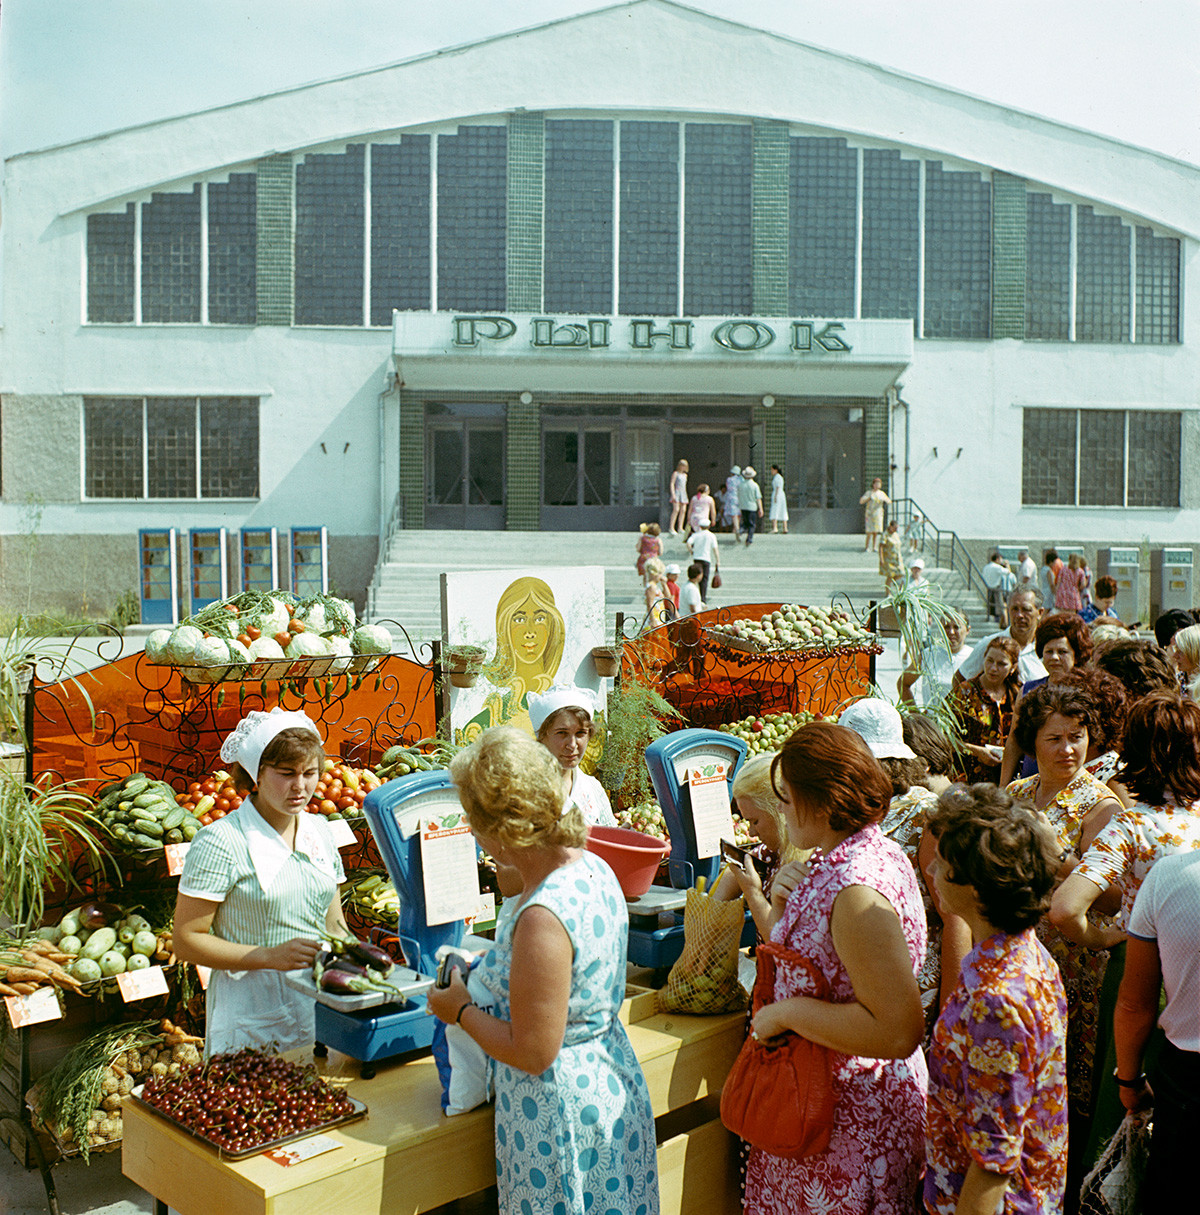 Улична продаја воћа и поврћа, Јевпаторија, Крим, 1979.